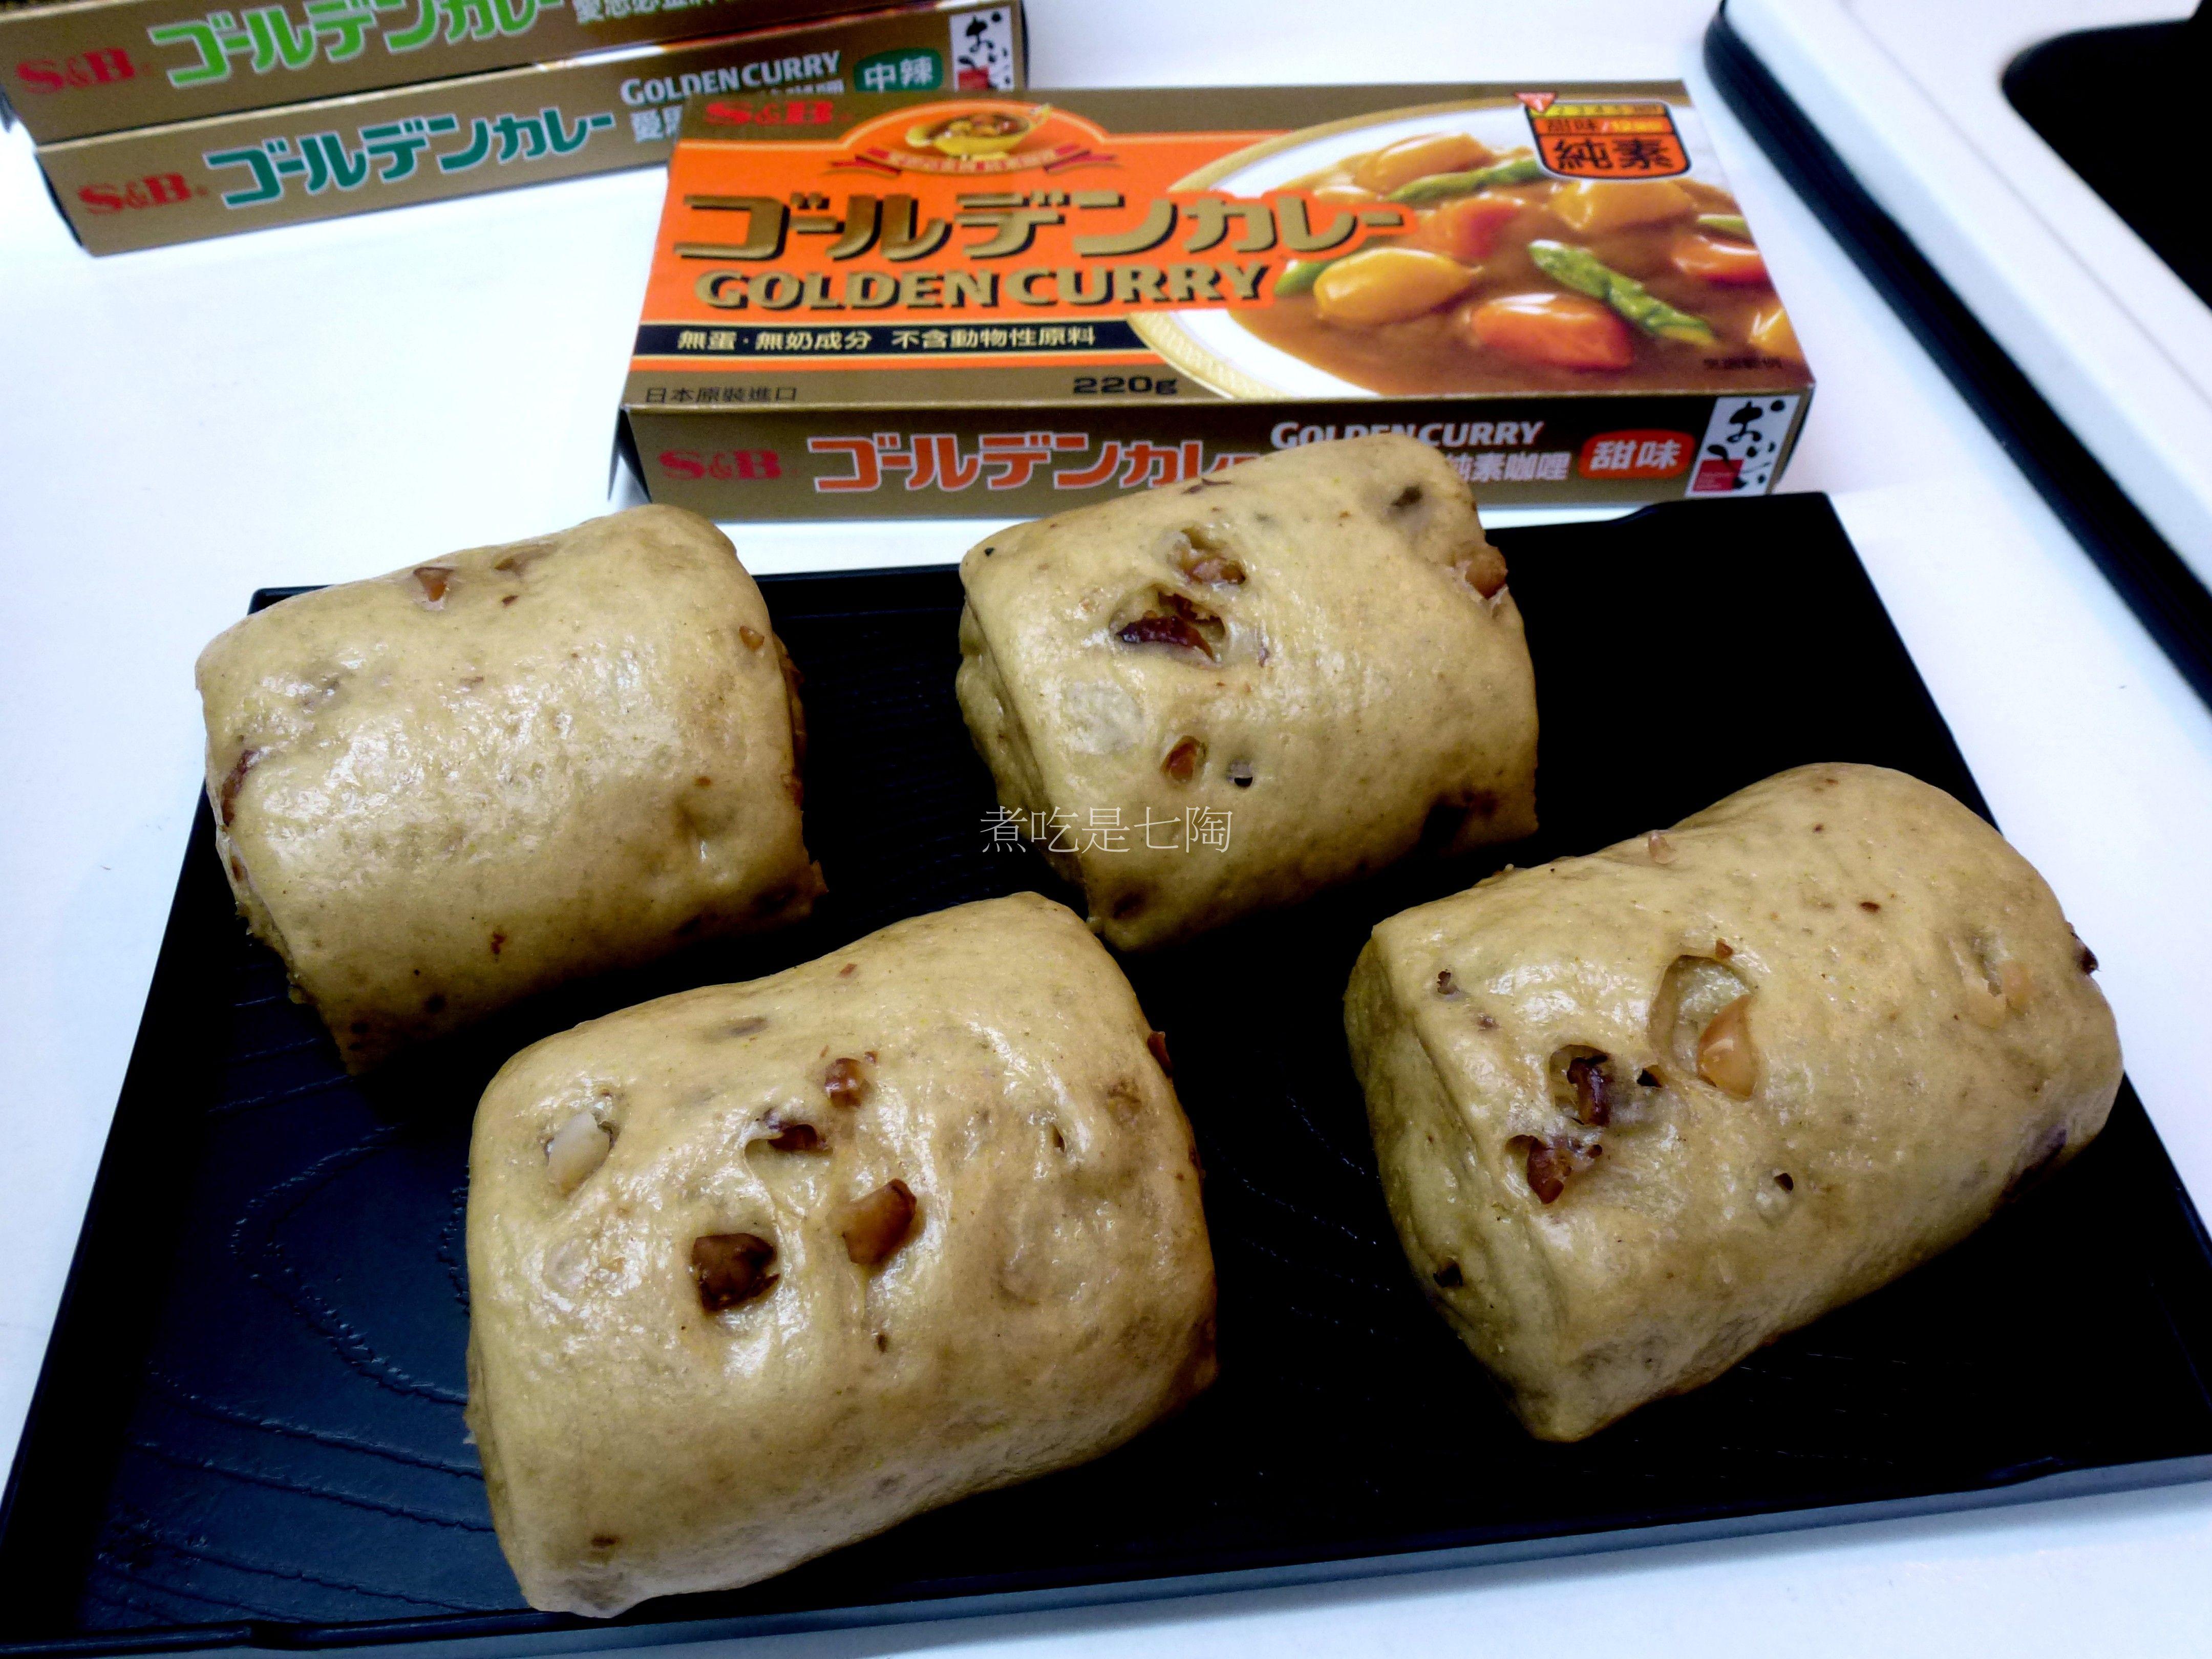 堅果咖哩饅頭(S&B愛思必金牌咖哩)